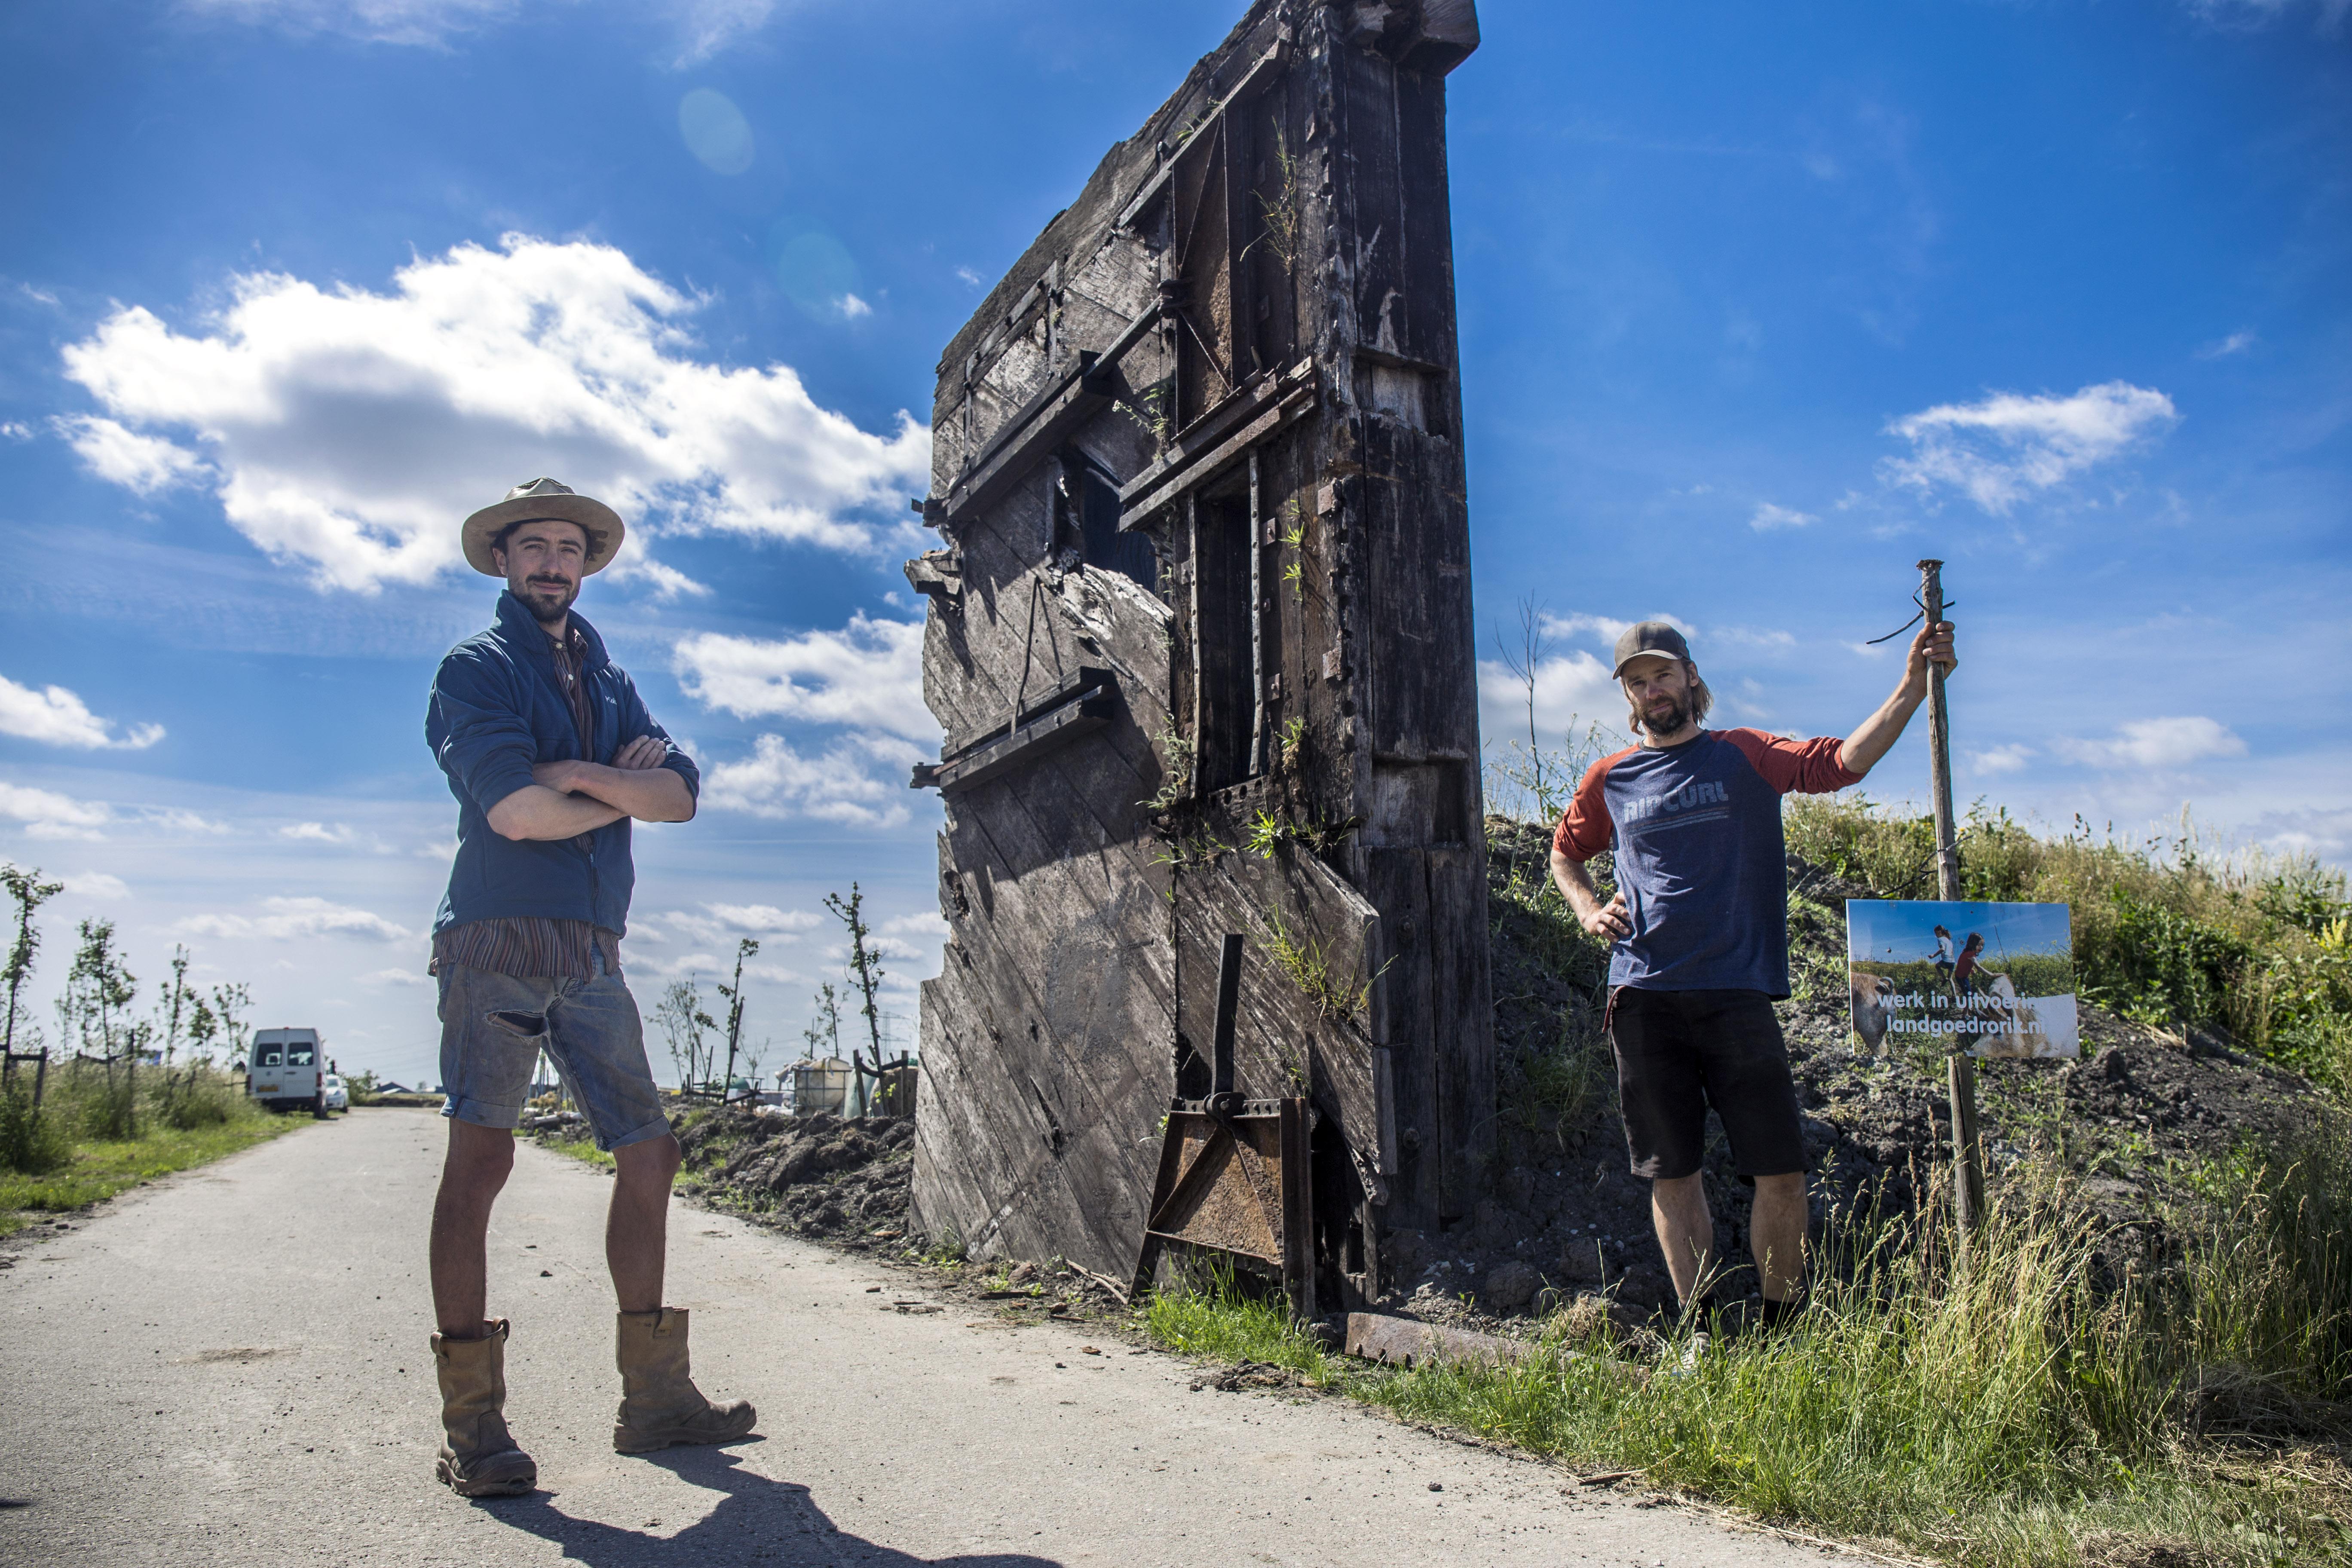 Achter twee reusachtige houten sluisdeuren wordt gebouwd aan een duurzaam paradijsje in de polder. Alles draait in cirkels op Landgoed Rorik